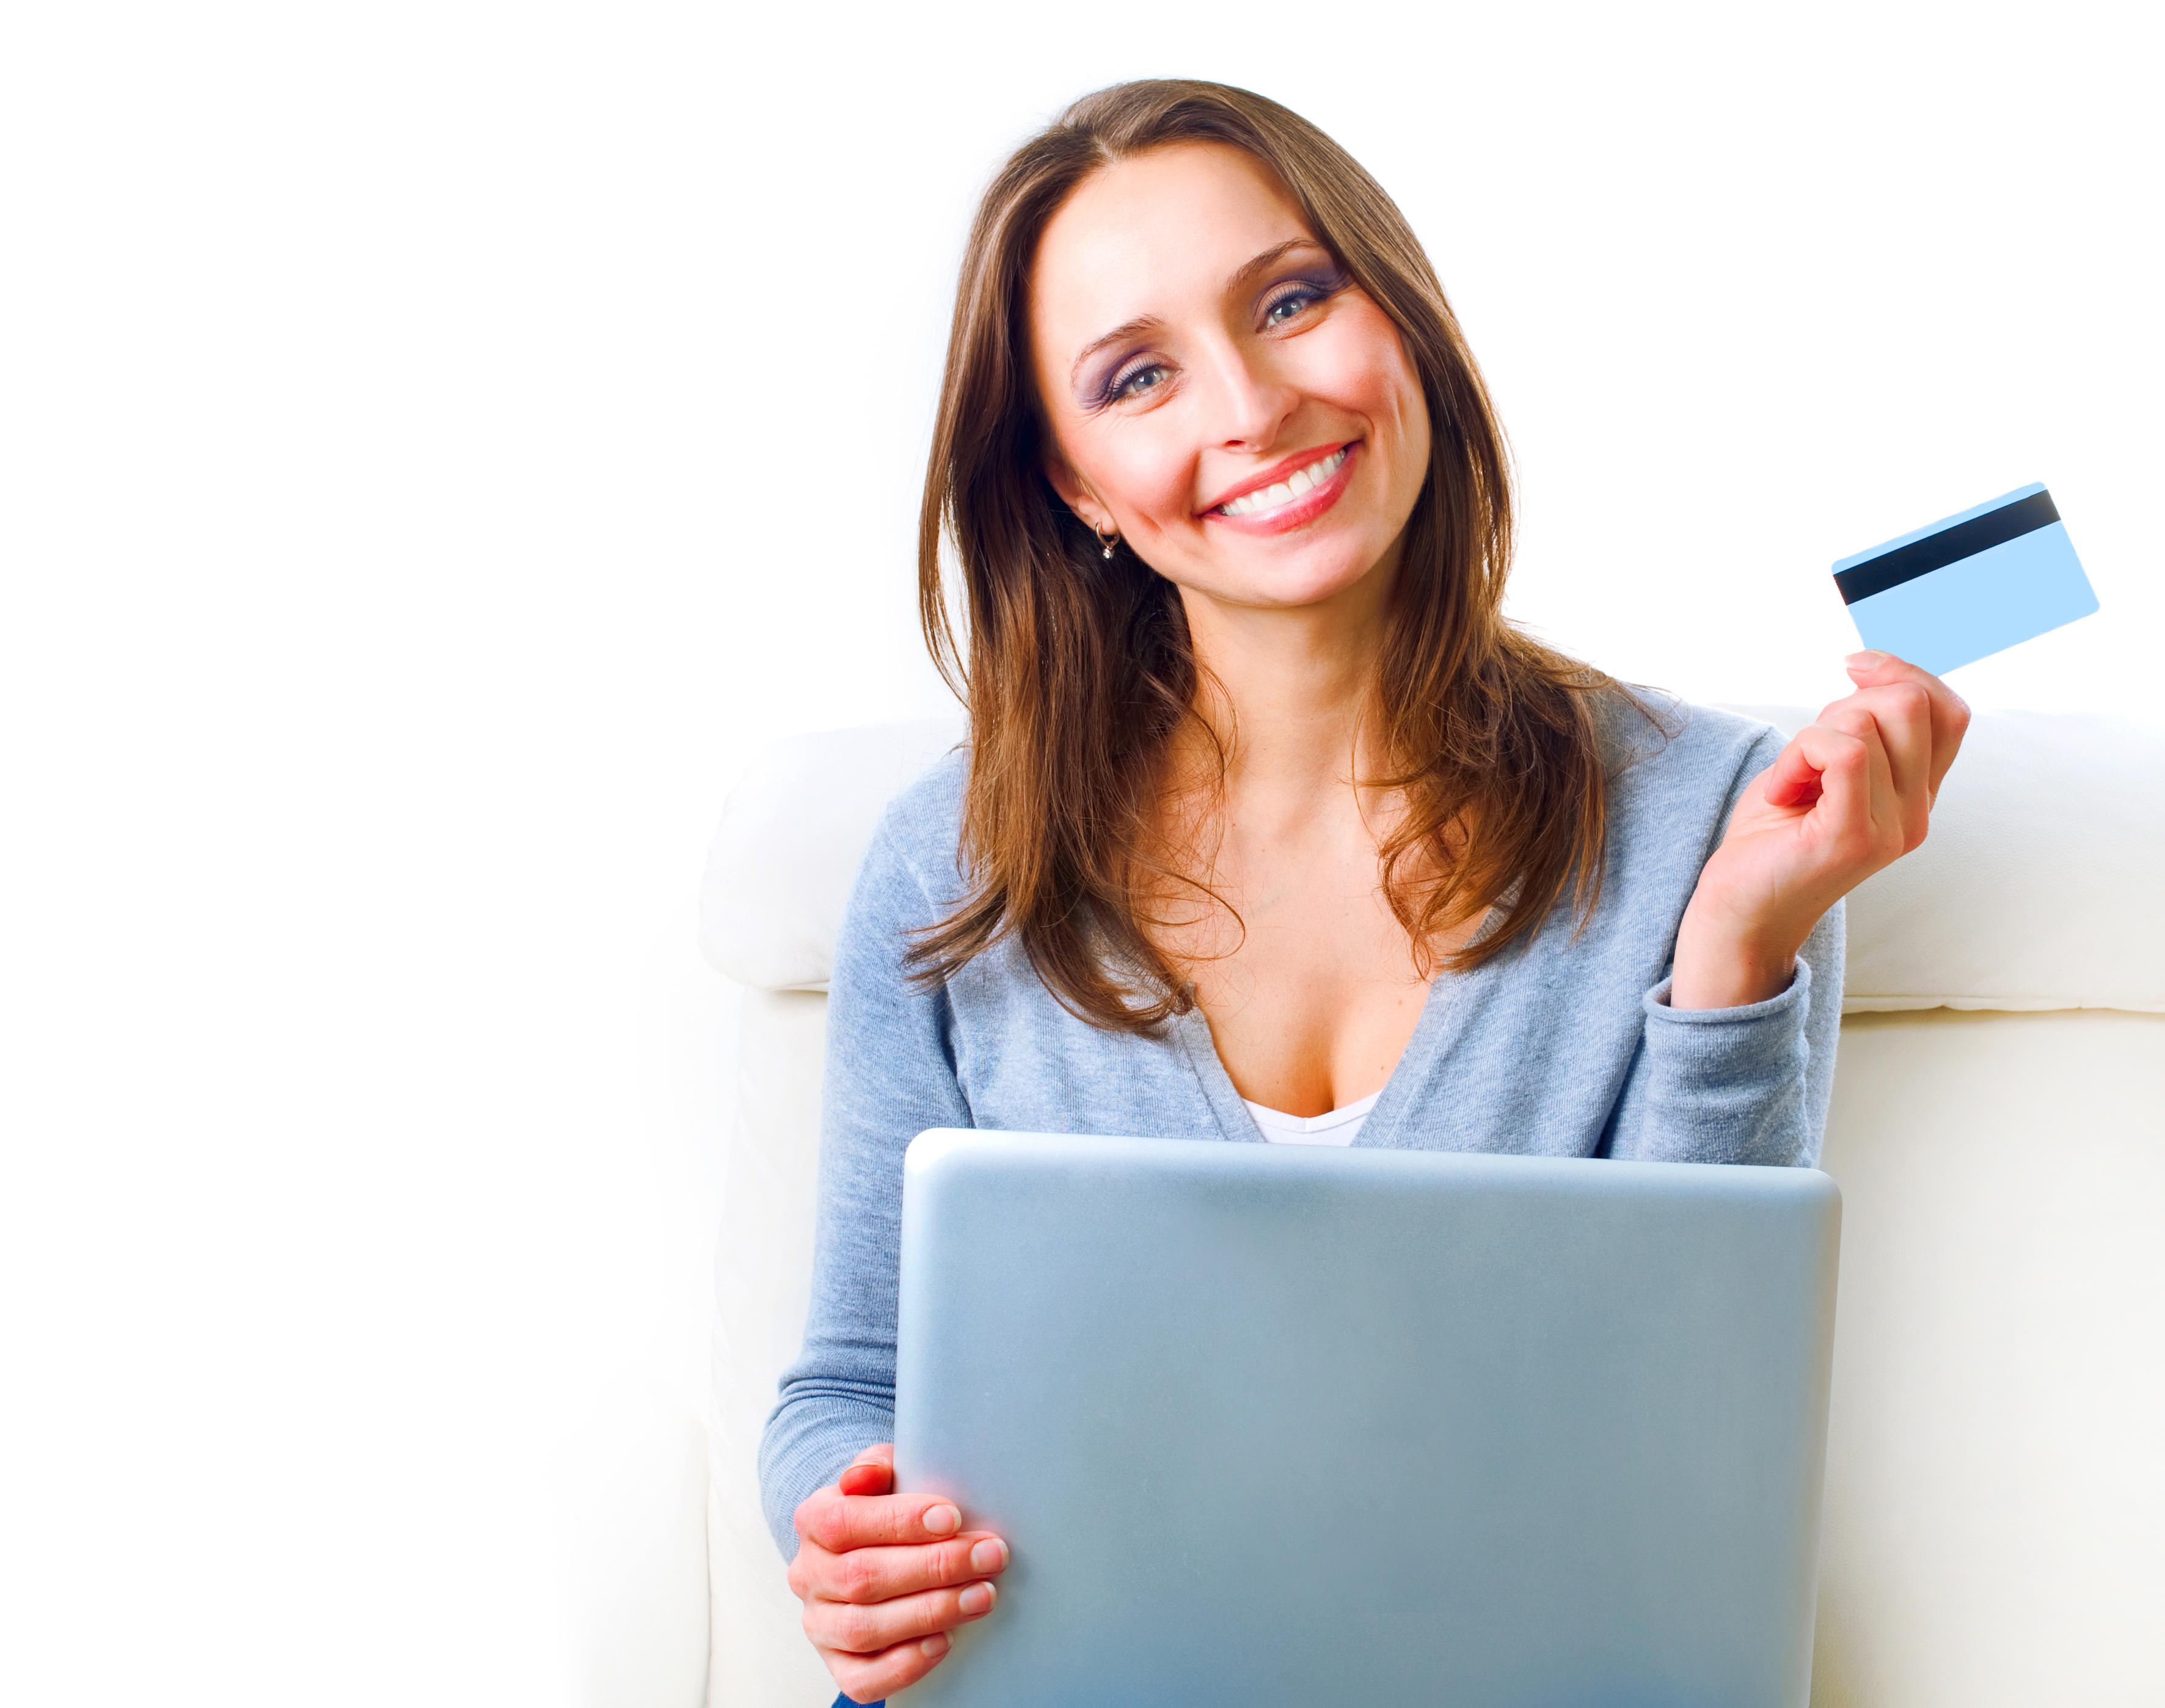 33 mld złotych – to szacunkowa wartość polskiego rynku e-commerce w 2015r. Determinantą rozwoju branży są płatności online oraz płatności mobilne